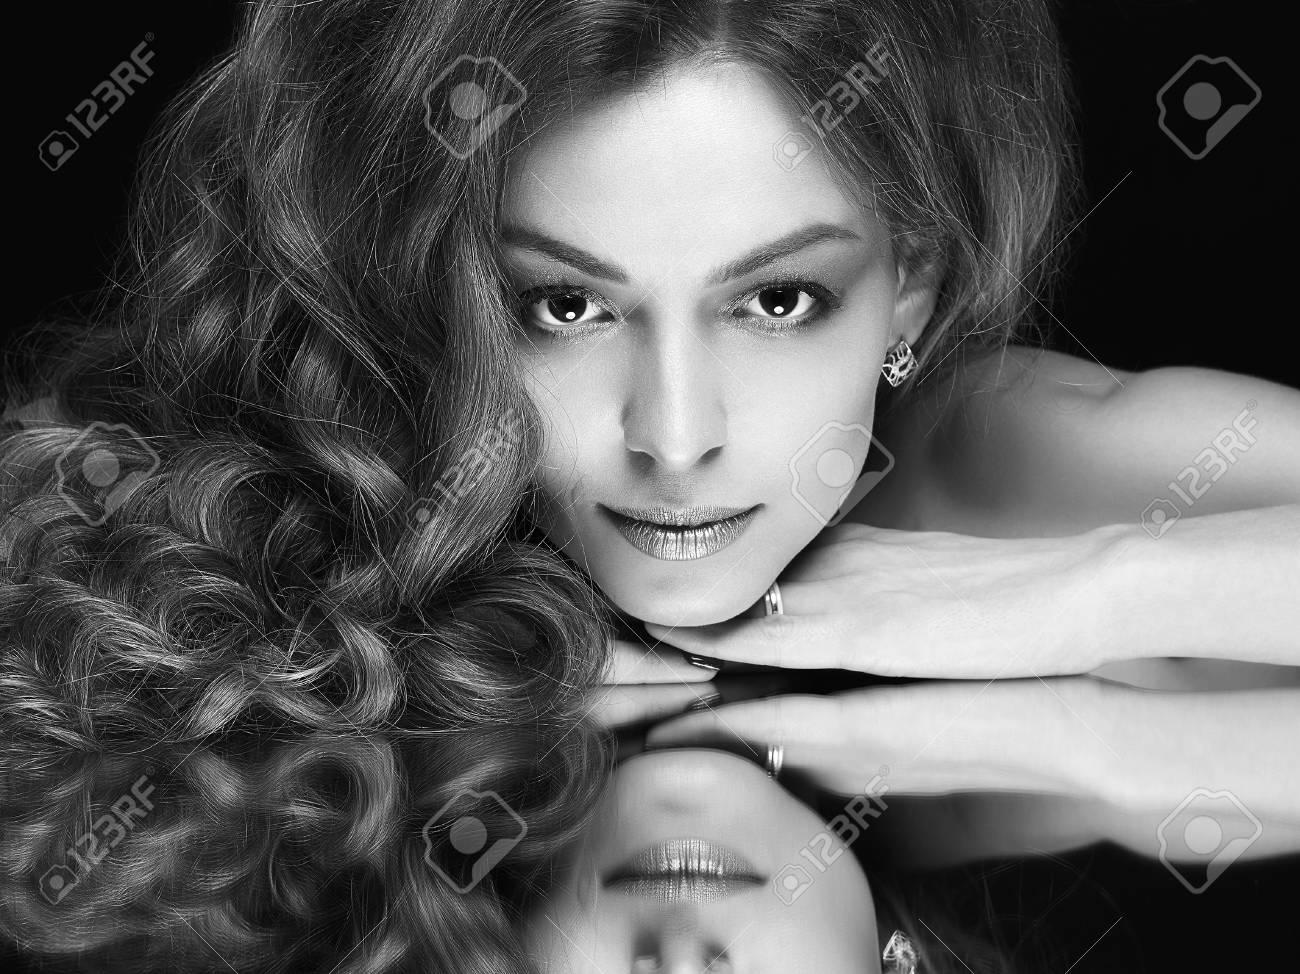 Schöne Frau Mit Spiegelbild Vorbildliches Mädchen Der Schönheit Mit